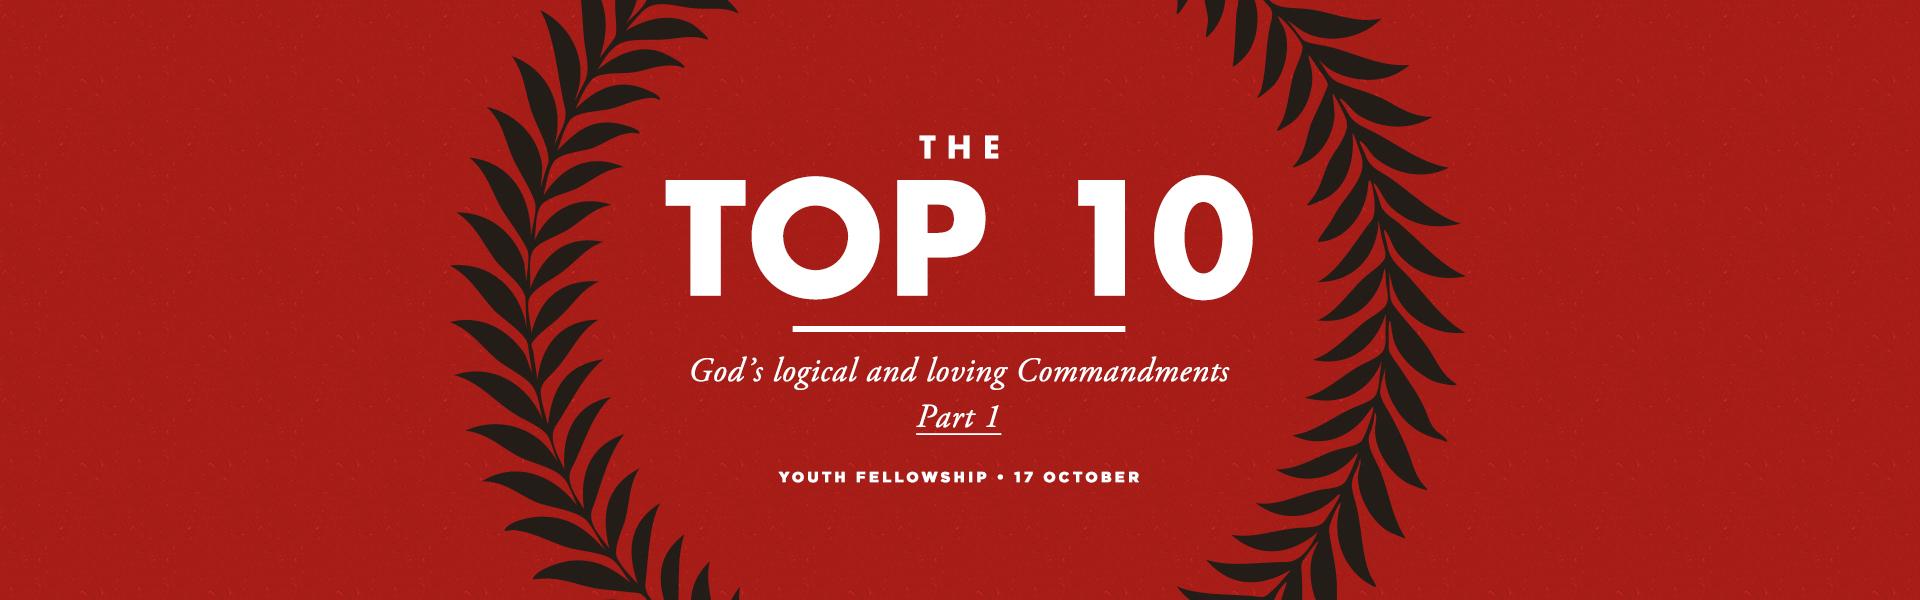 2015-10-17-Top-Ten-Small